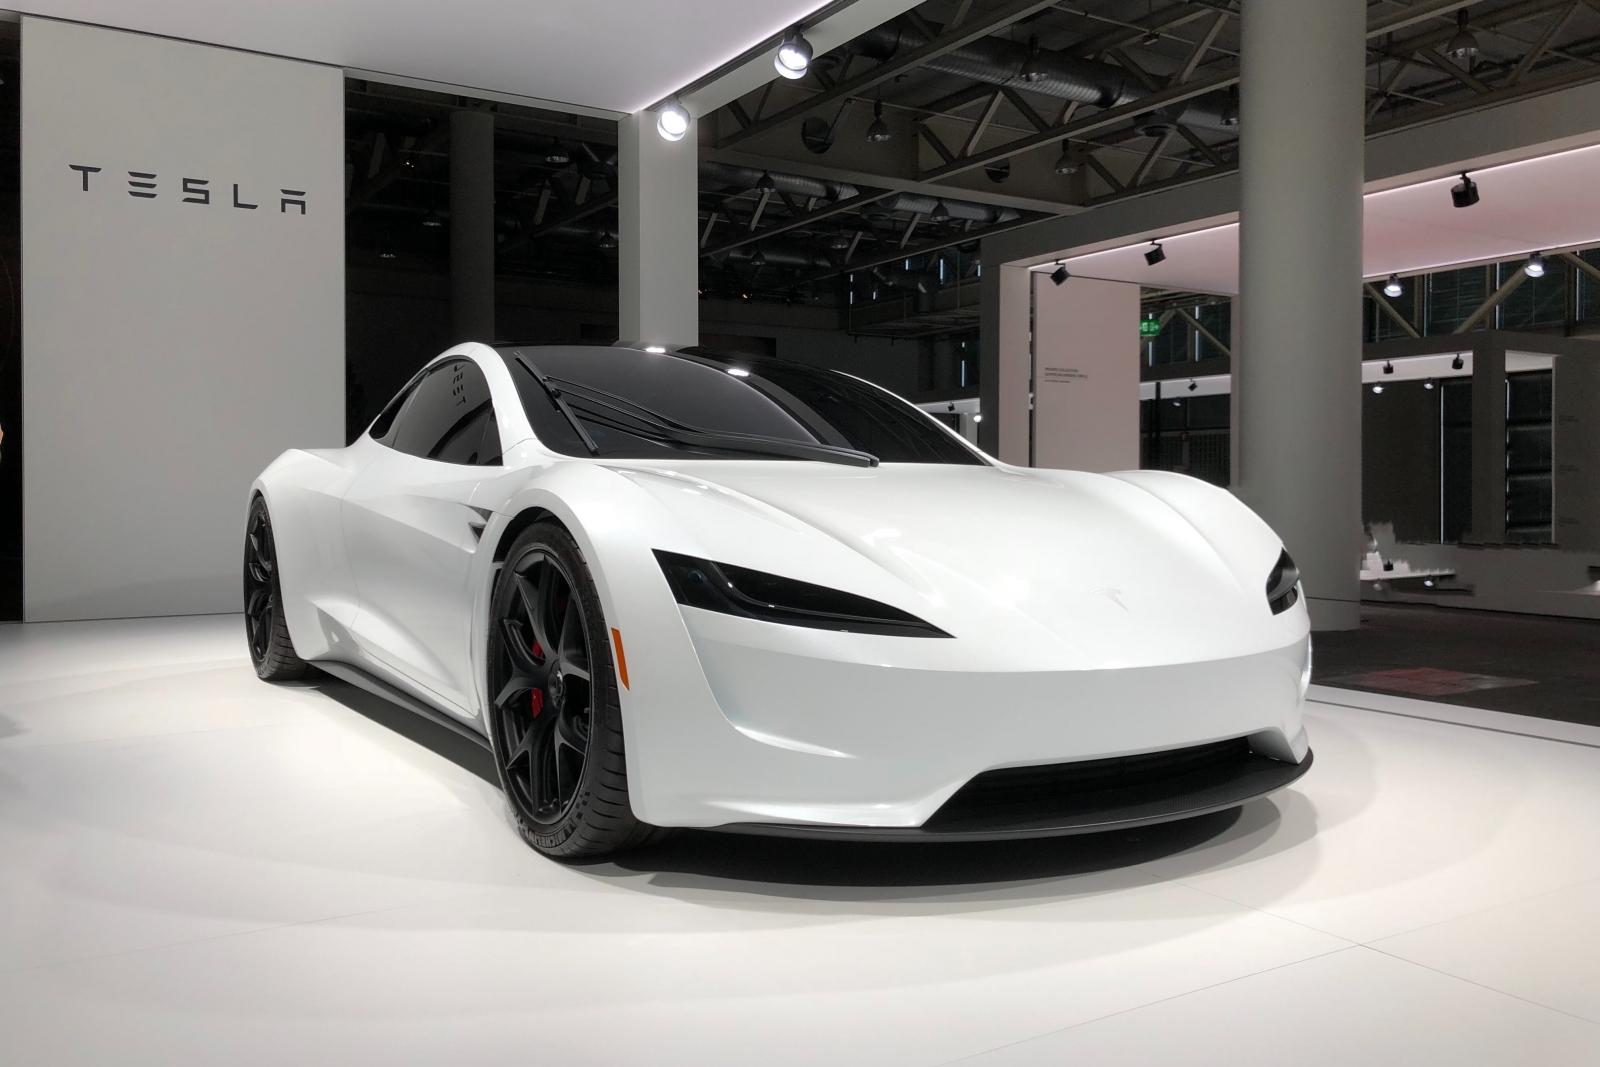 【電動車專知】電動車維護的成本高嗎?電動車真的比較省嗎?